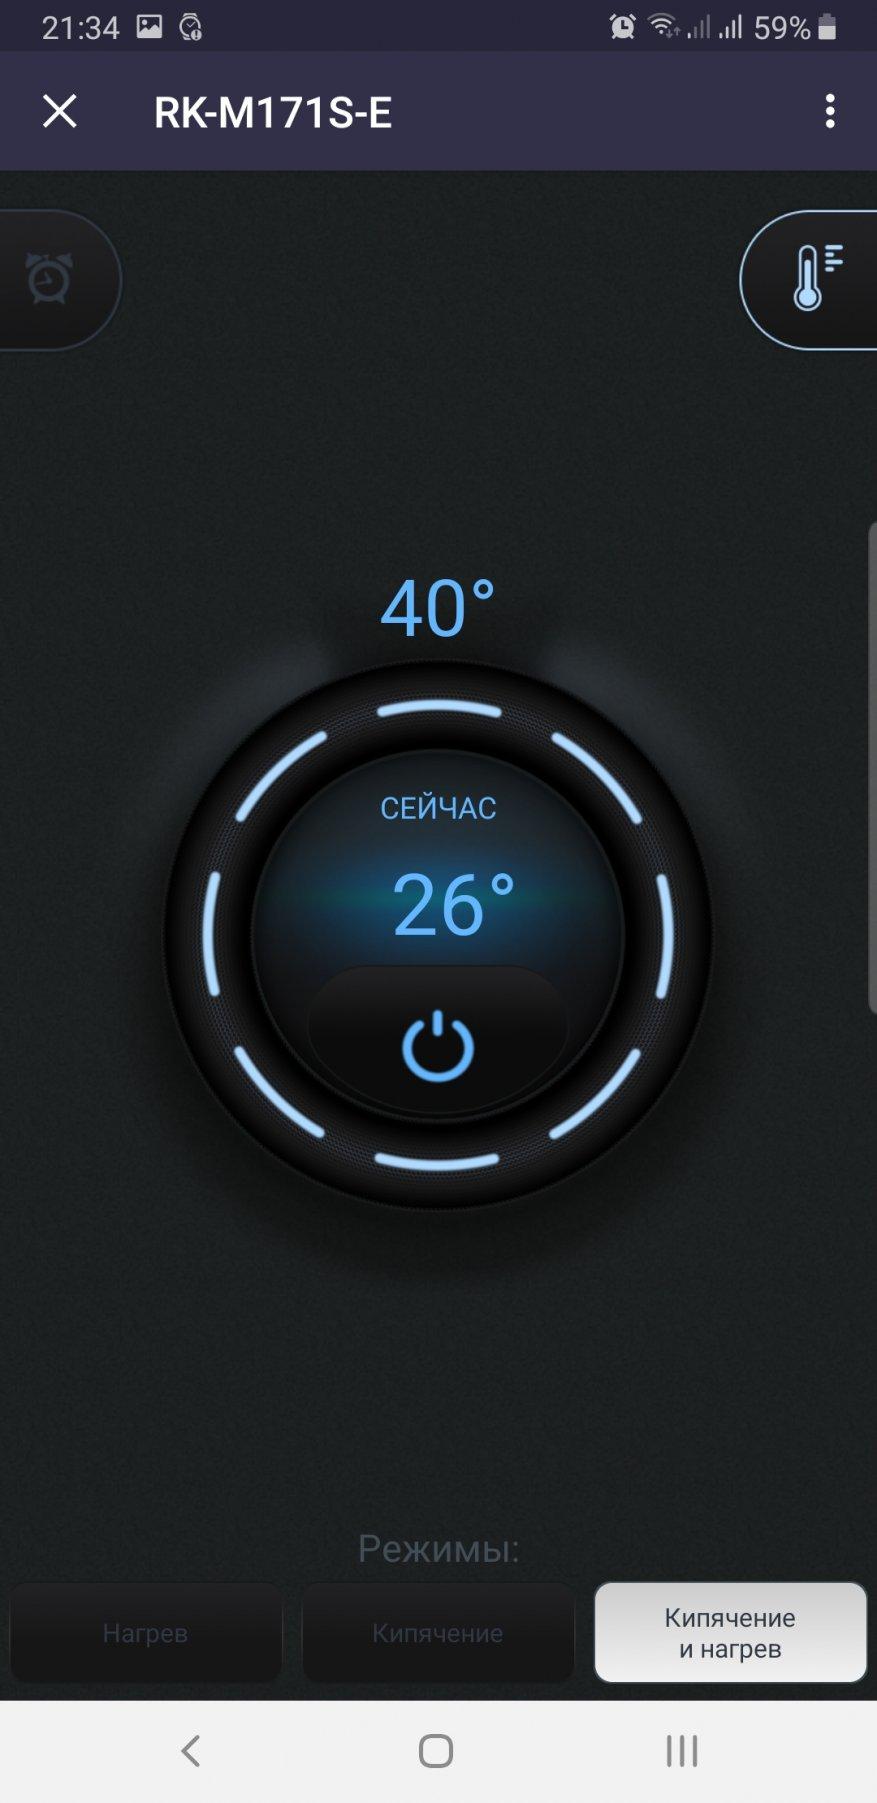 Магазины Украины и СНГ: Redmond SkyKettle M171S: умный чайник, с контролем температуры и автоподогревом